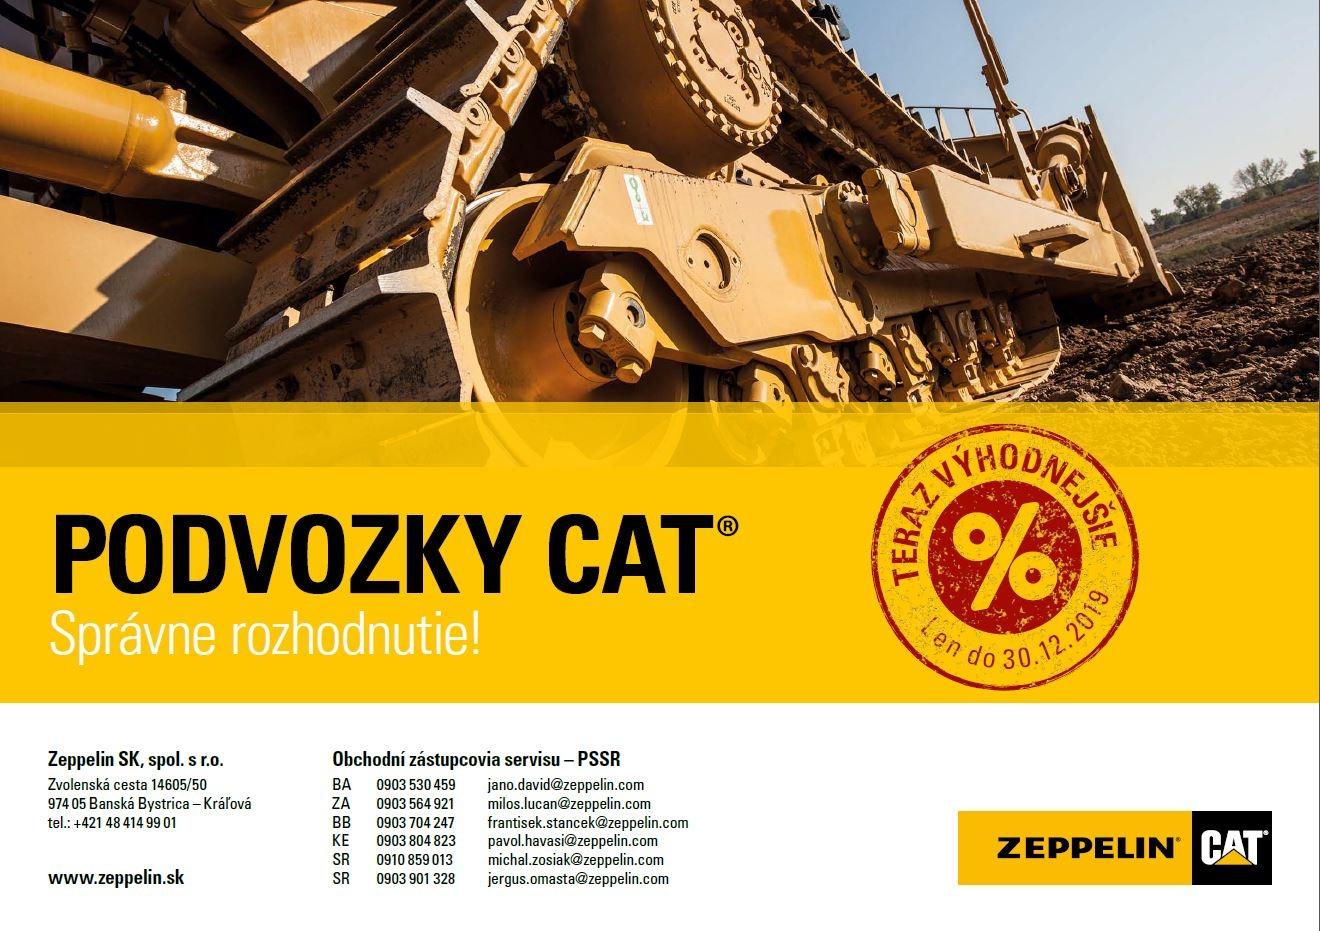 Podvozky Cat